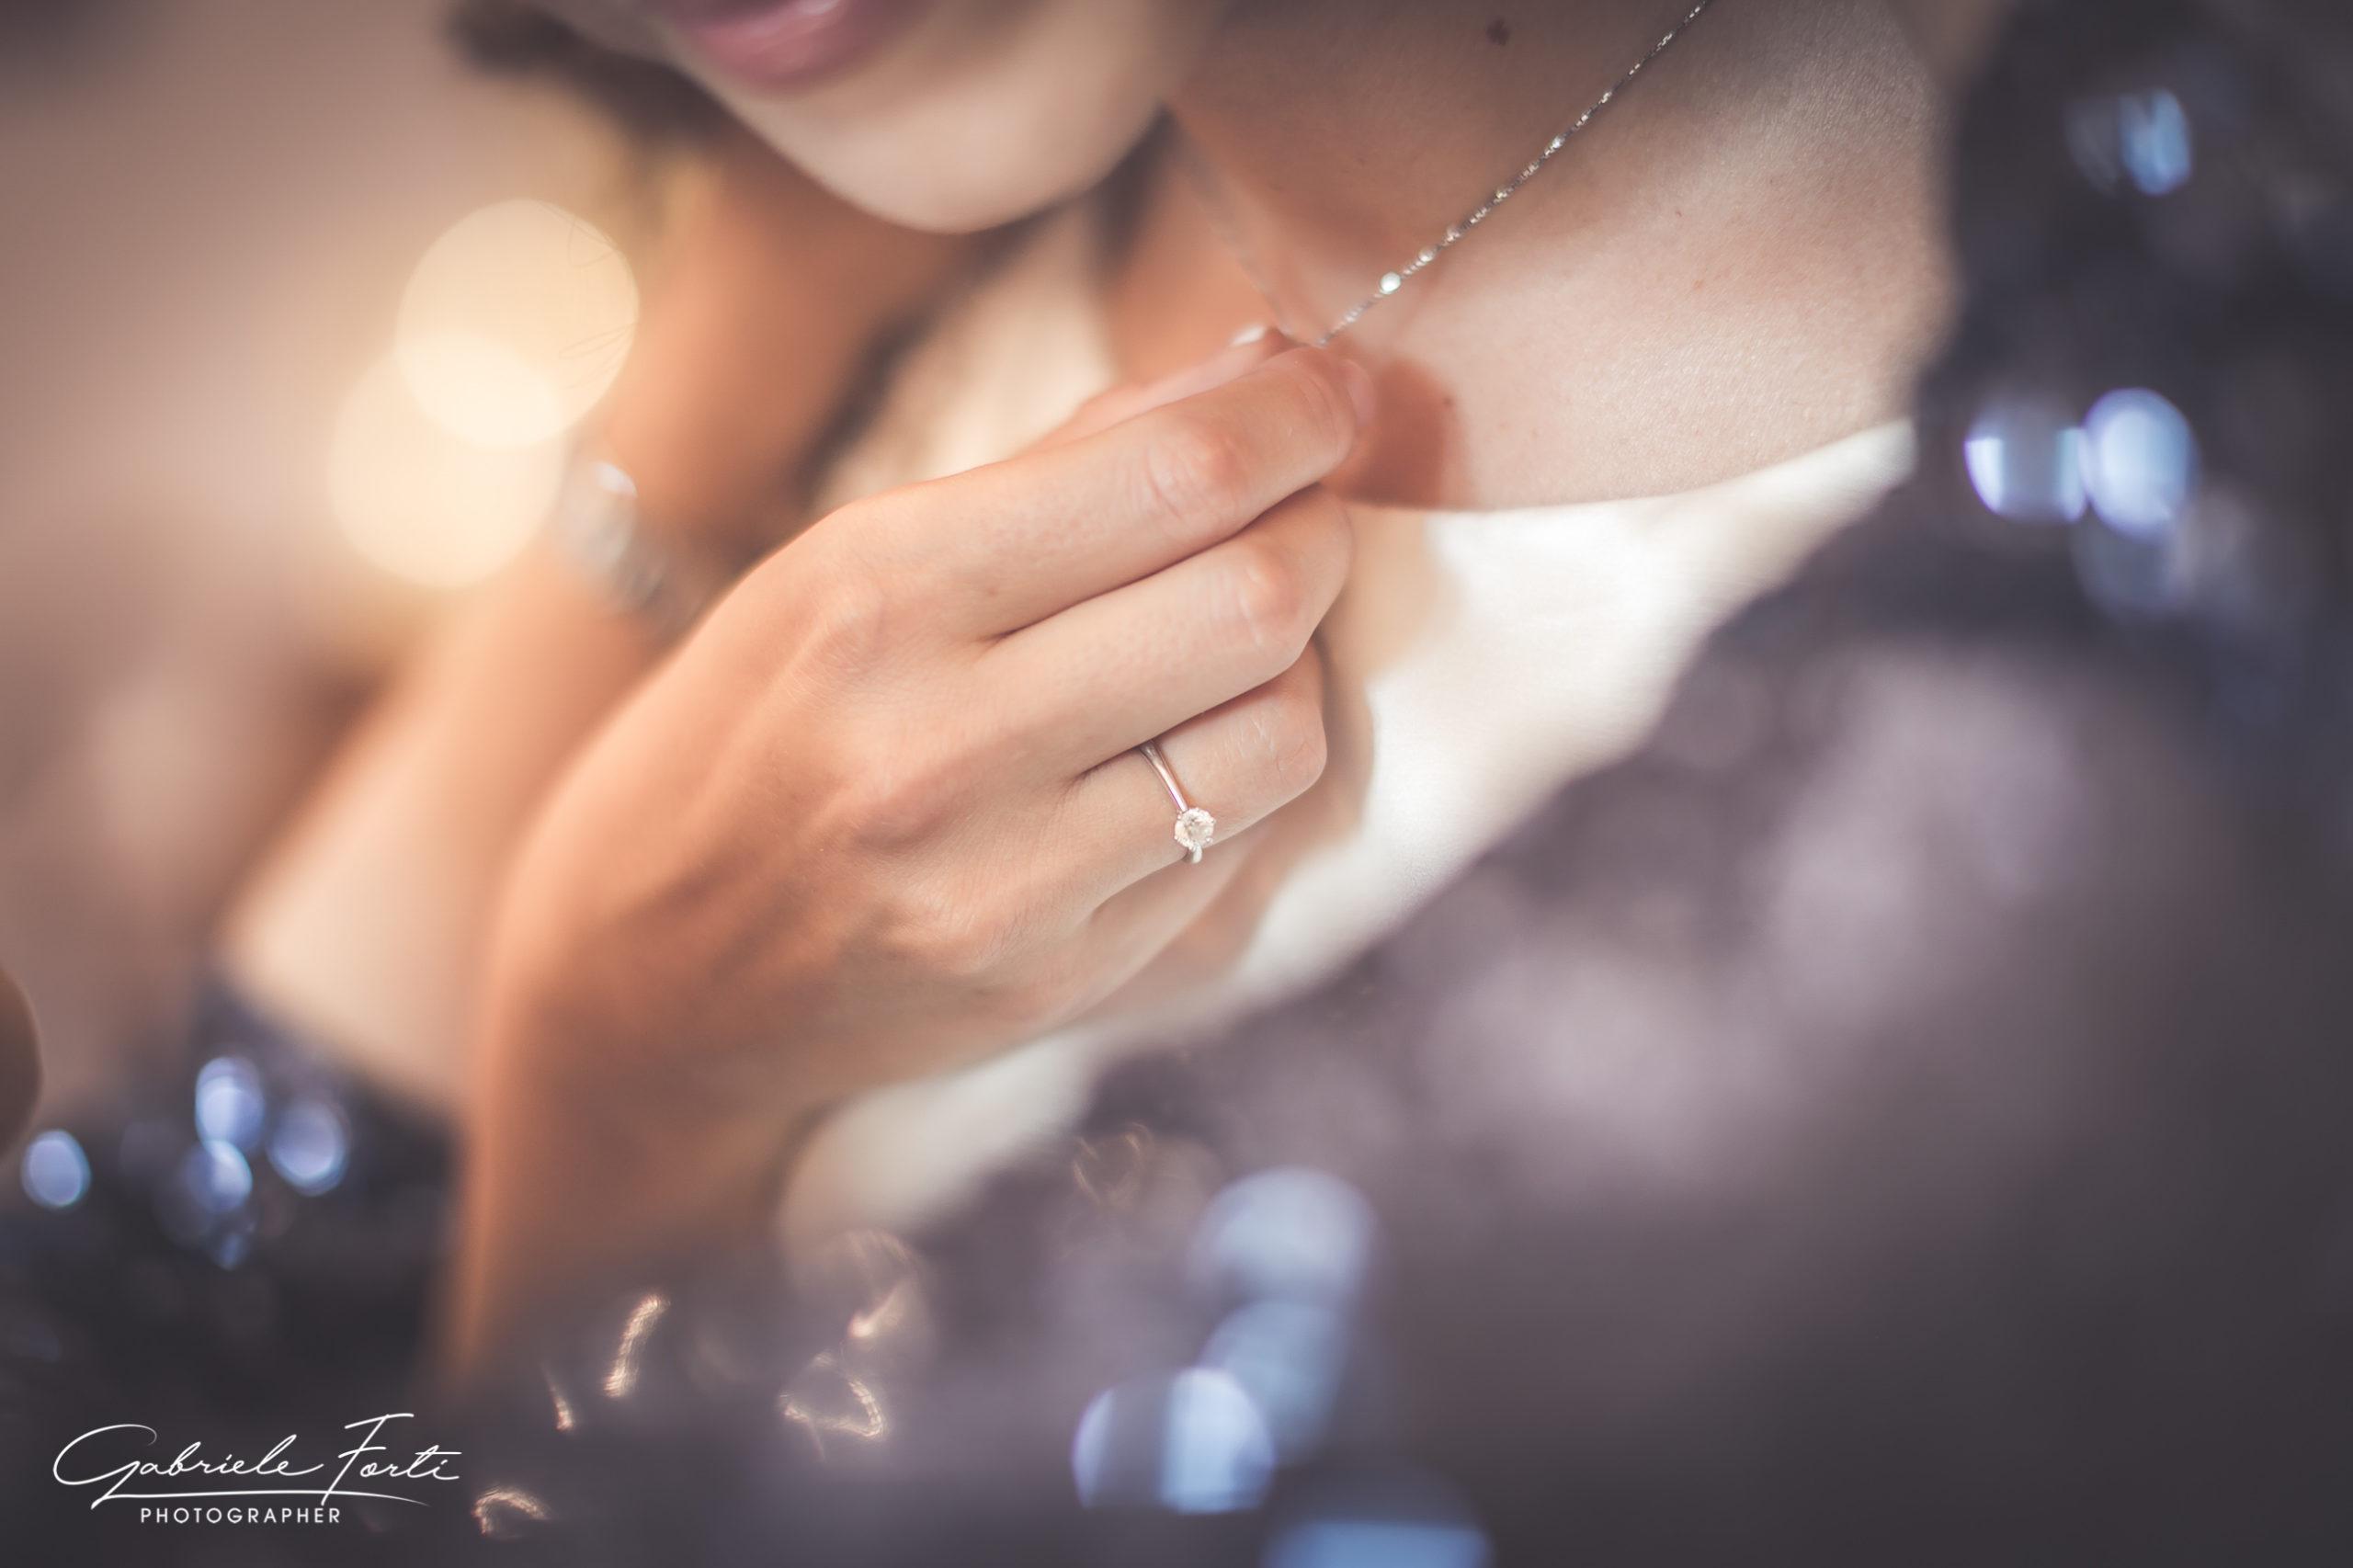 wedding-day-la-rimbecca-siena-pienza-tuscany-foto-forti-gabriele-2